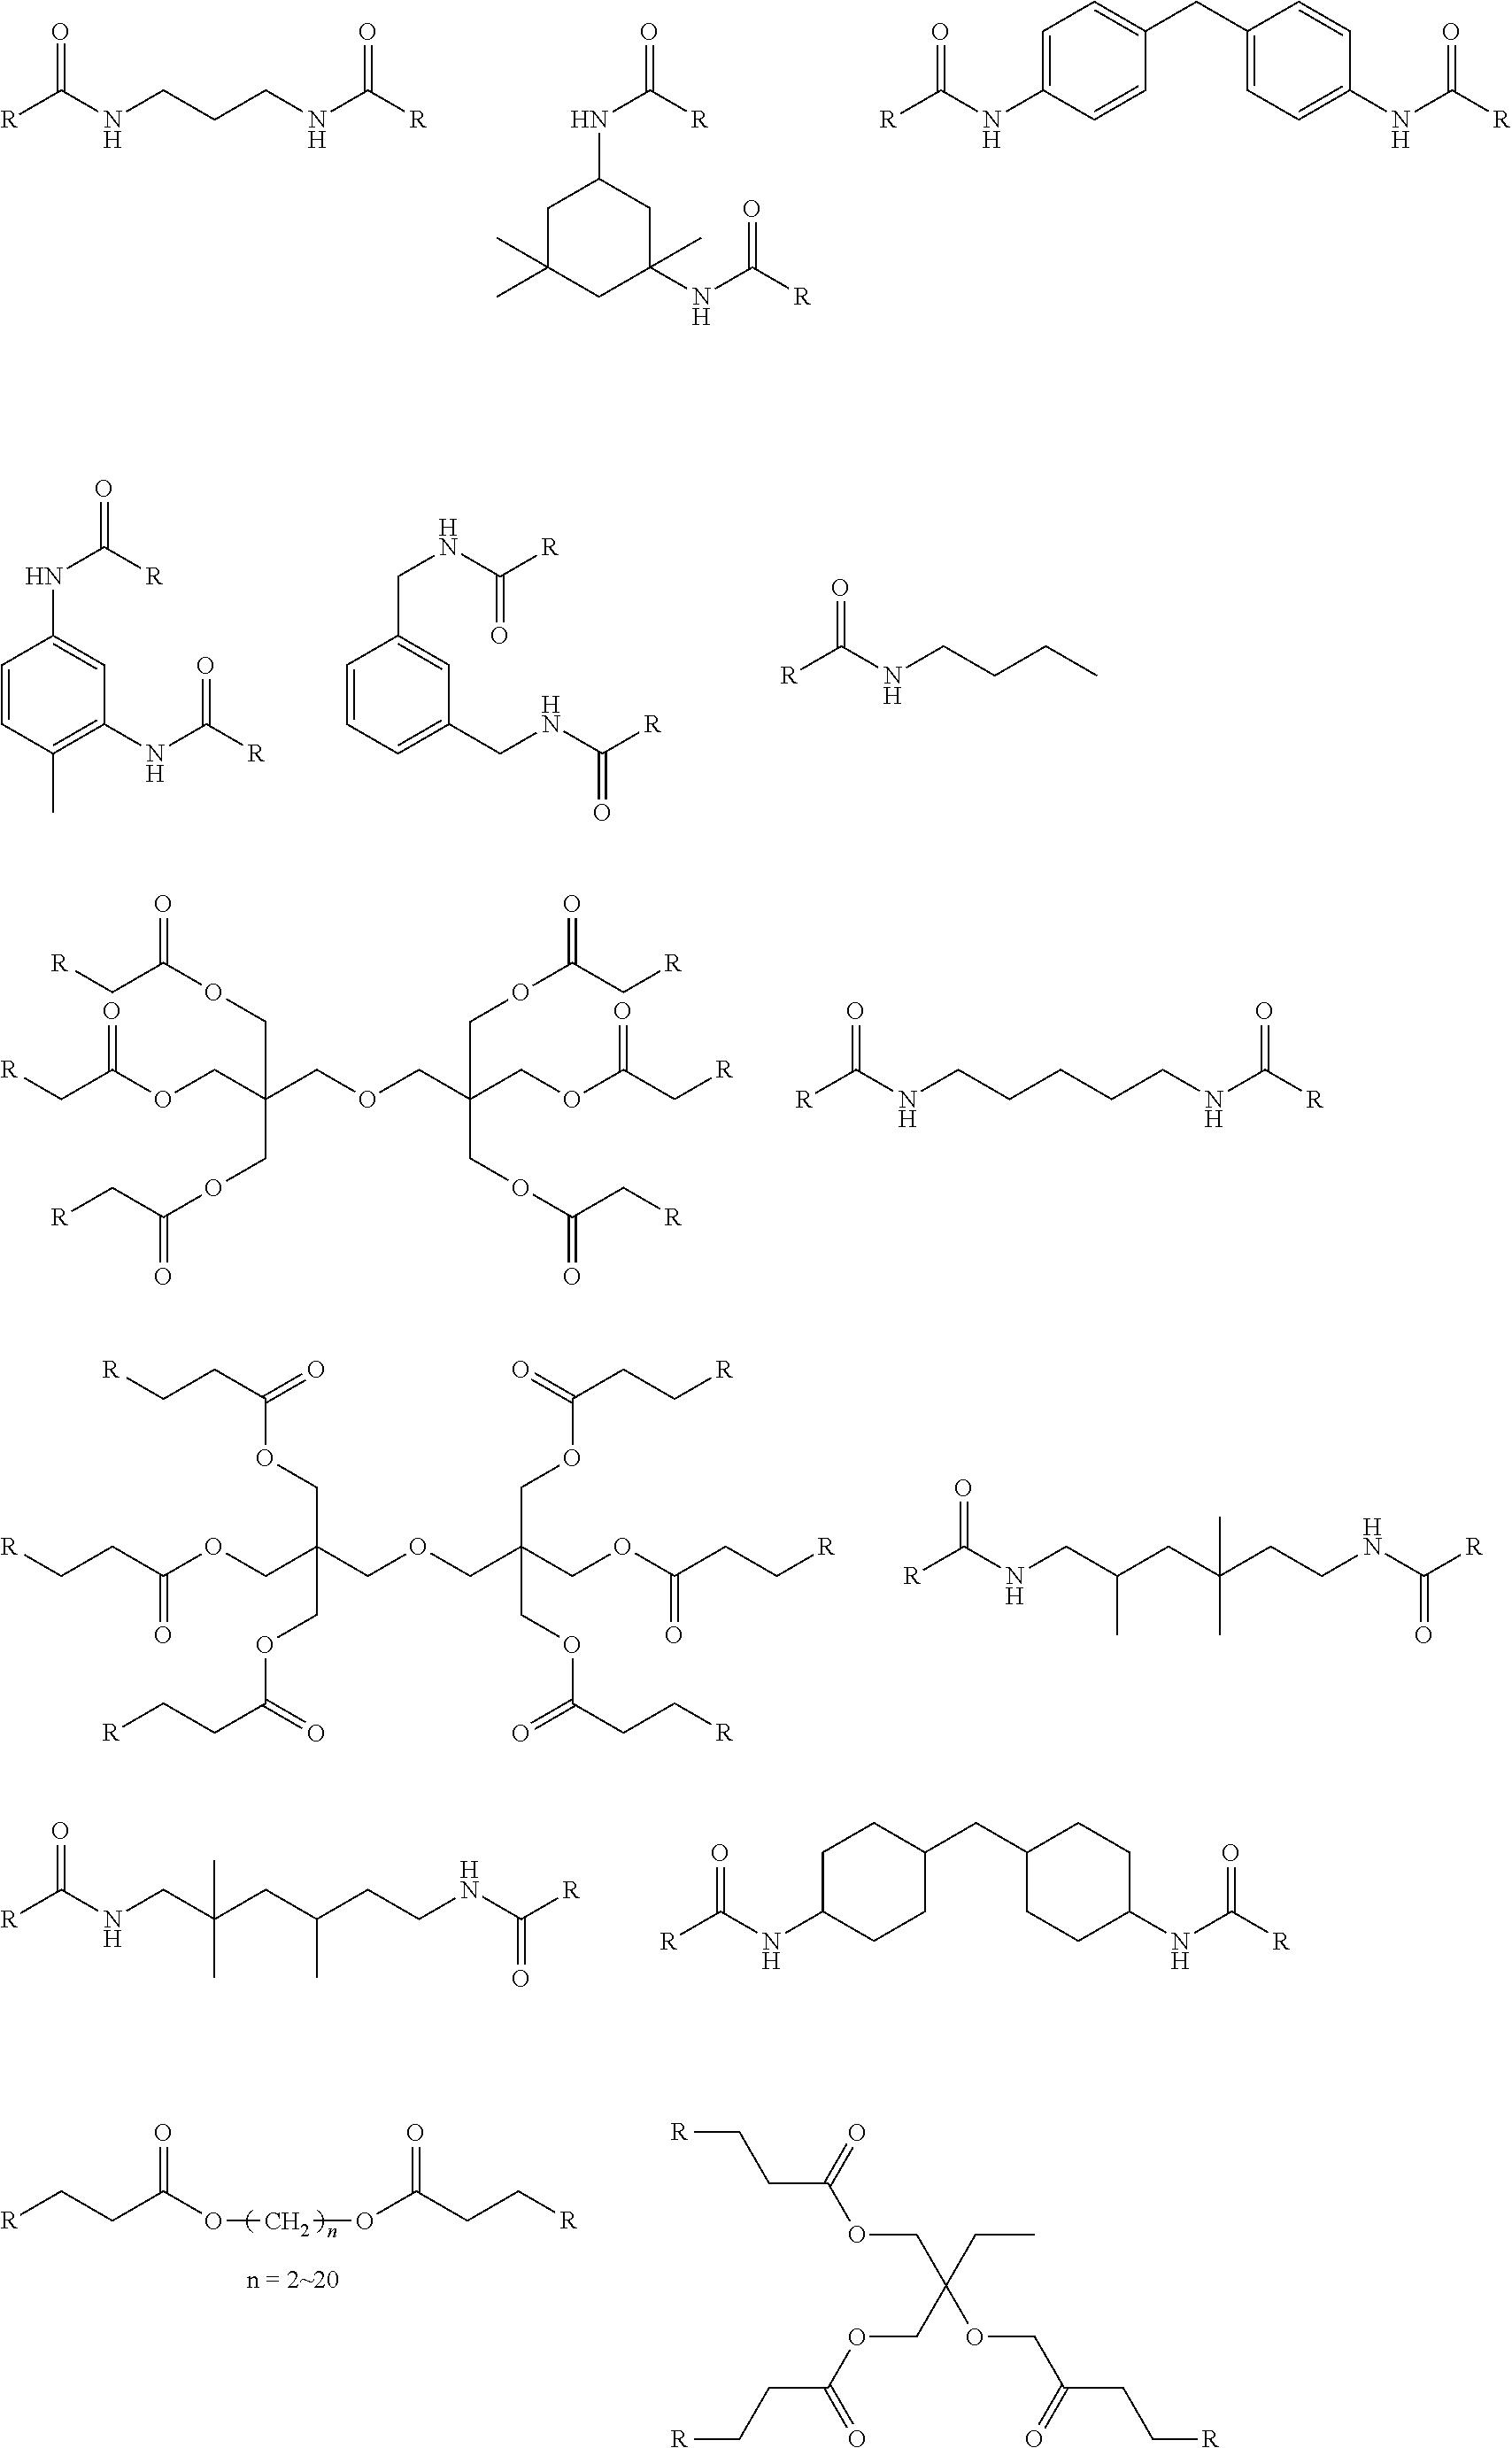 Figure US20110293897A1-20111201-C00003